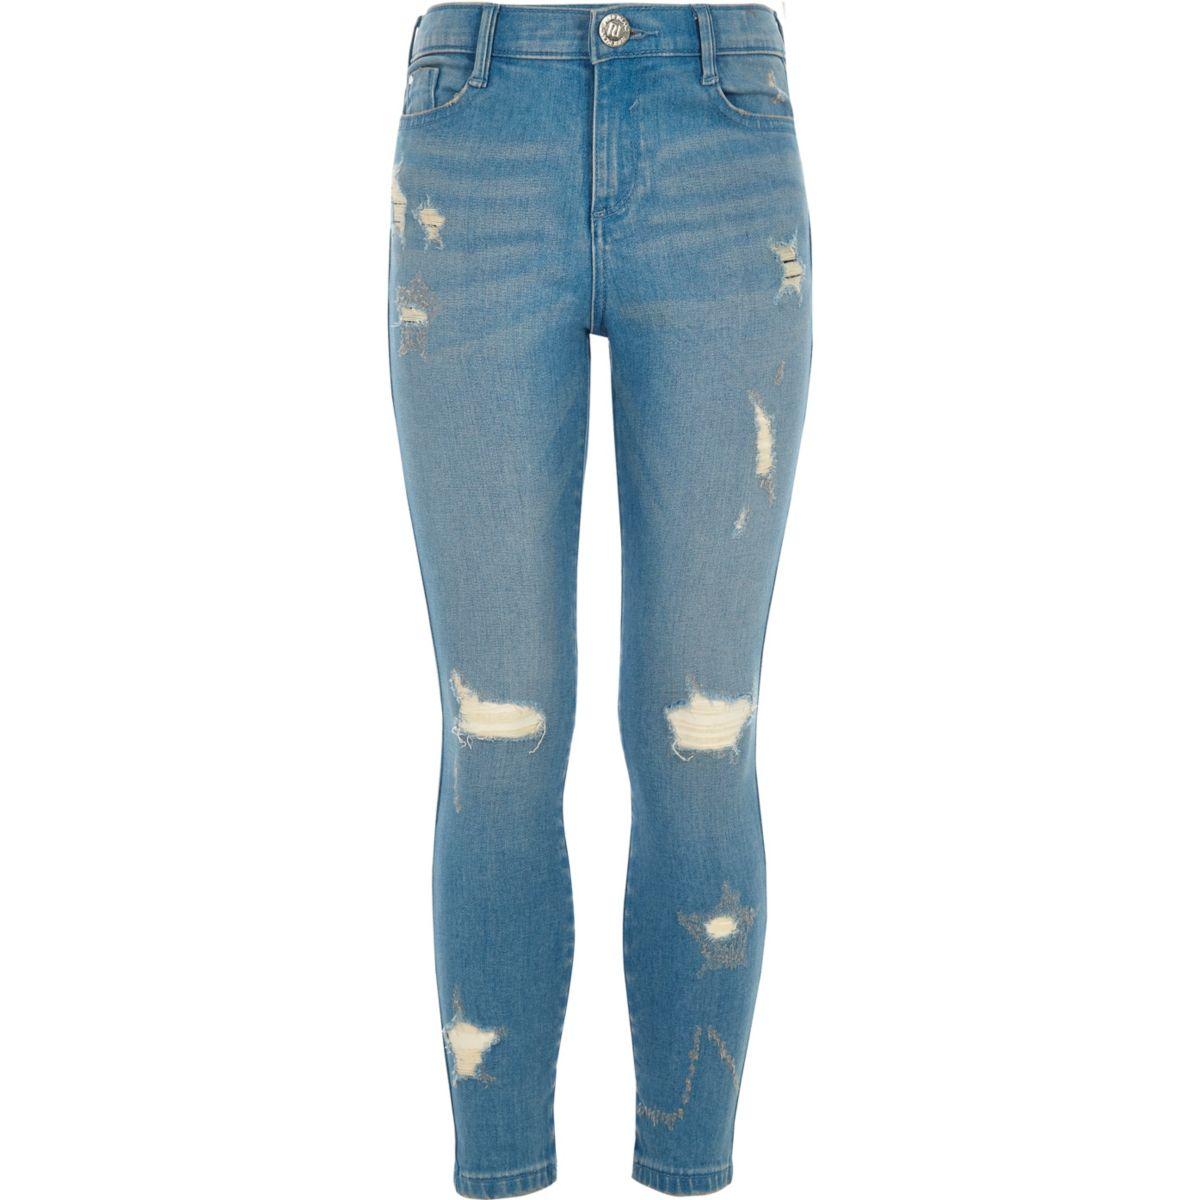 amelie jean skinny bleu d chir motif toile pour fille jeans skinny jeans fille. Black Bedroom Furniture Sets. Home Design Ideas